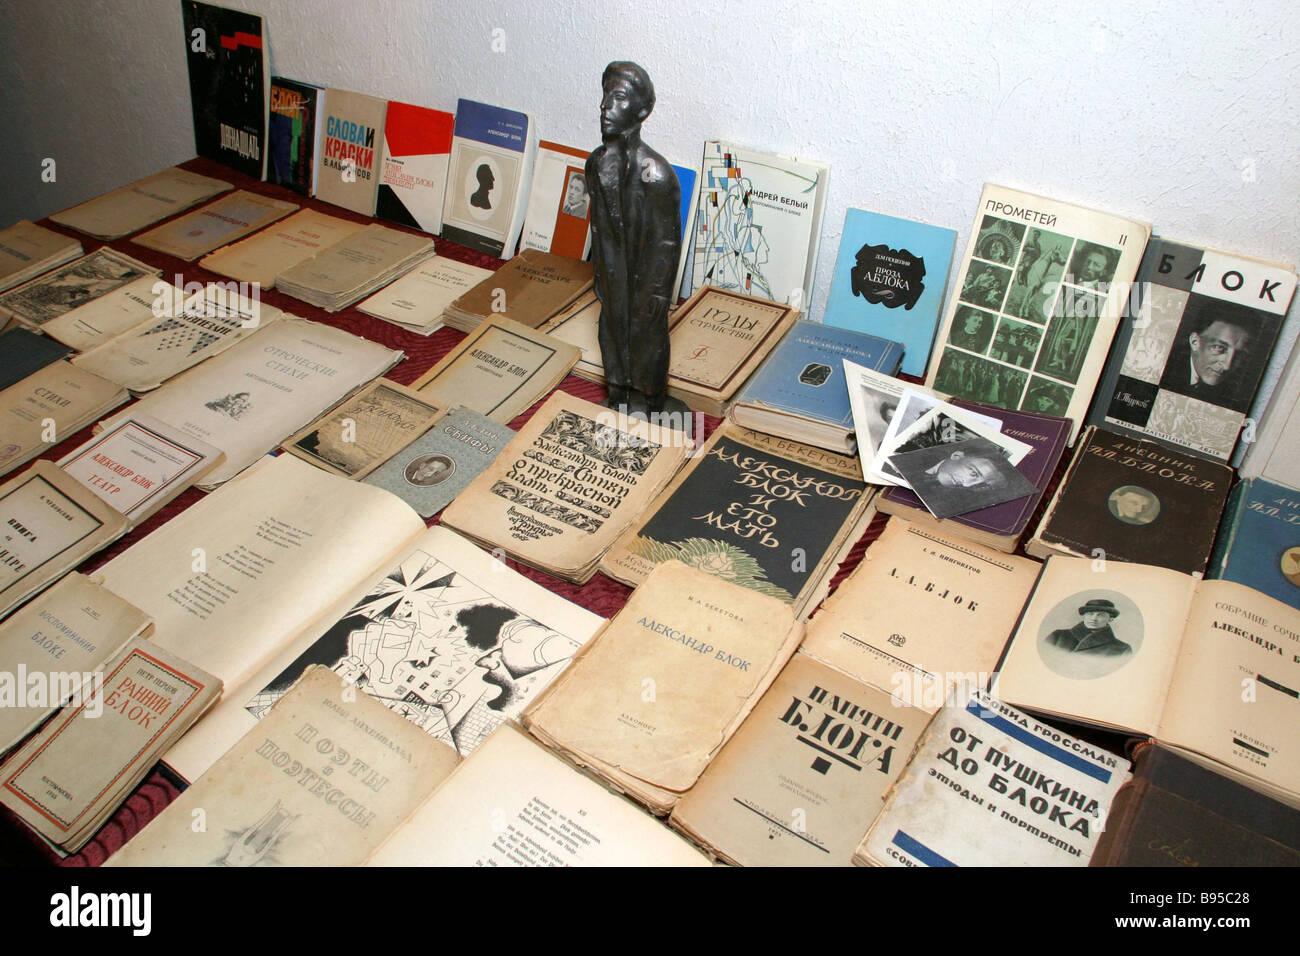 Una colección única de Alexander Blok s vida publicaciones y libros sobre él recogidos por Federación Imagen De Stock